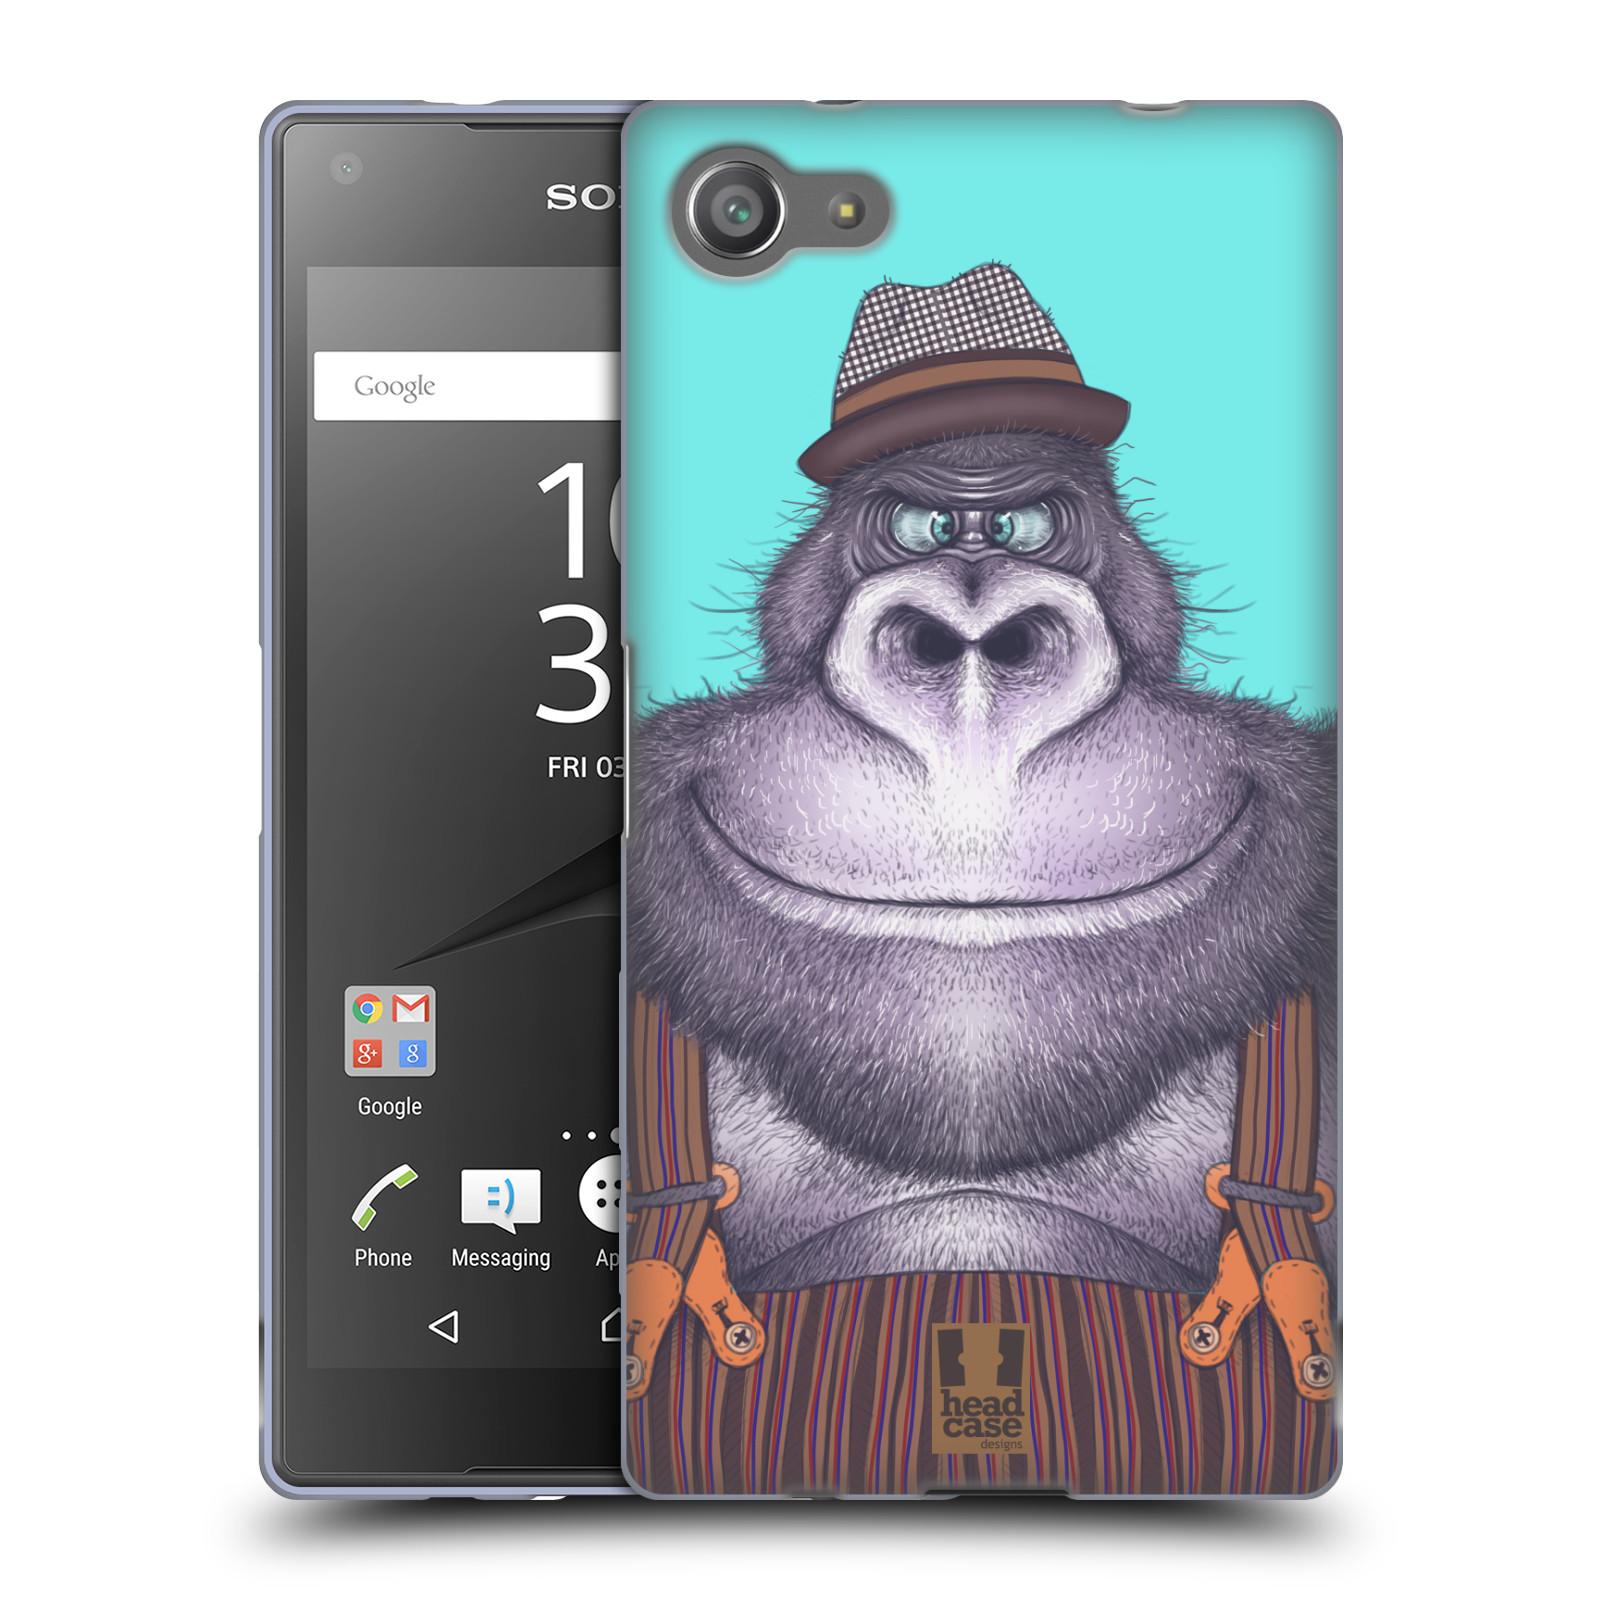 HEAD CASE silikonový obal na mobil Sony Xperia Z5 COMPACT vzor Kreslená zvířátka gorila